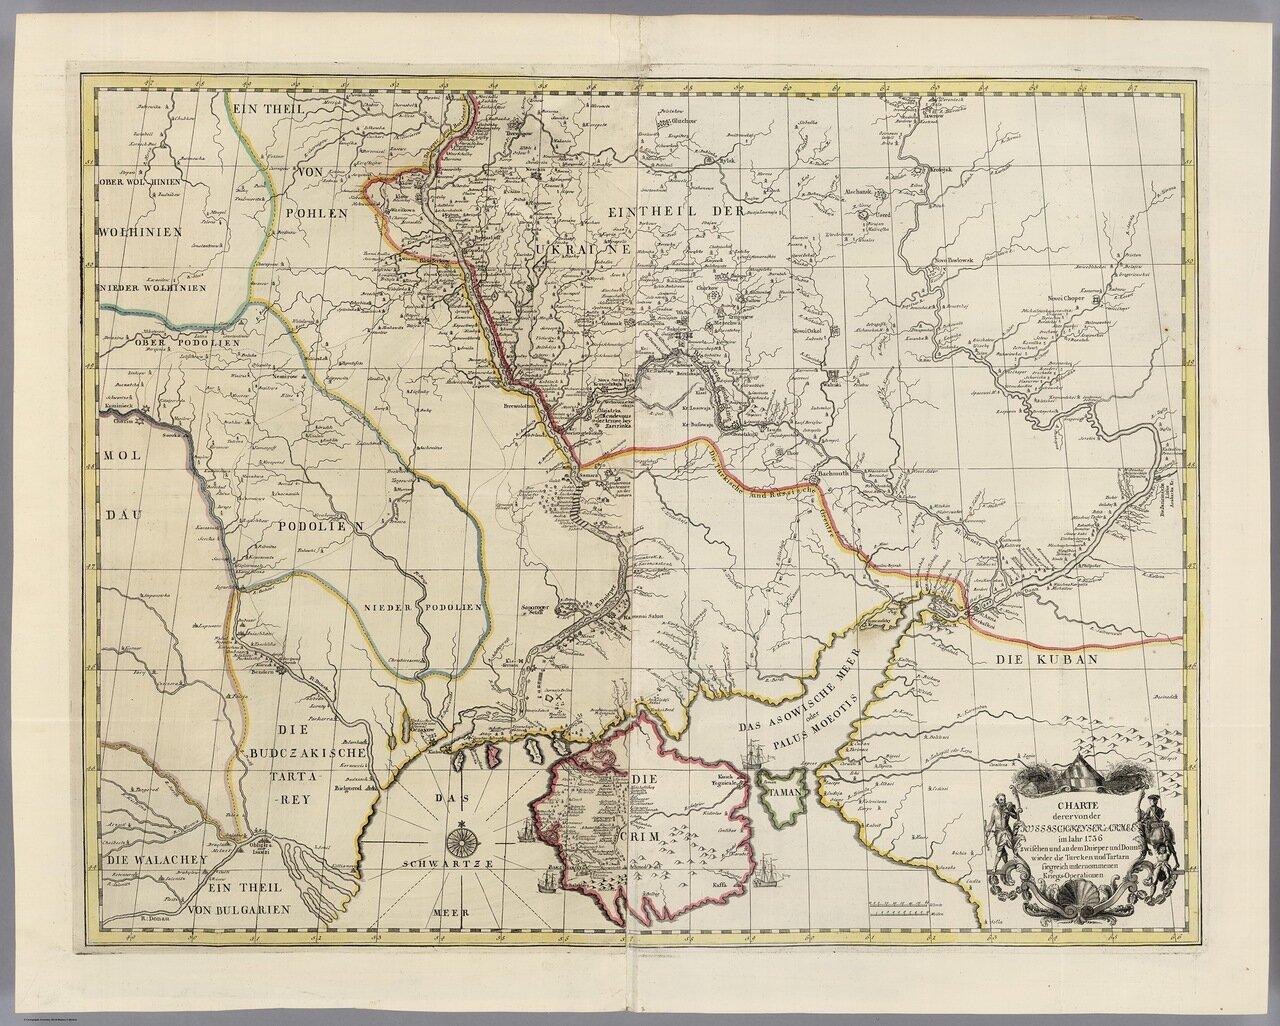 1736. Карта земель, где победоносная российская армия проводила военные операции против турок и татар